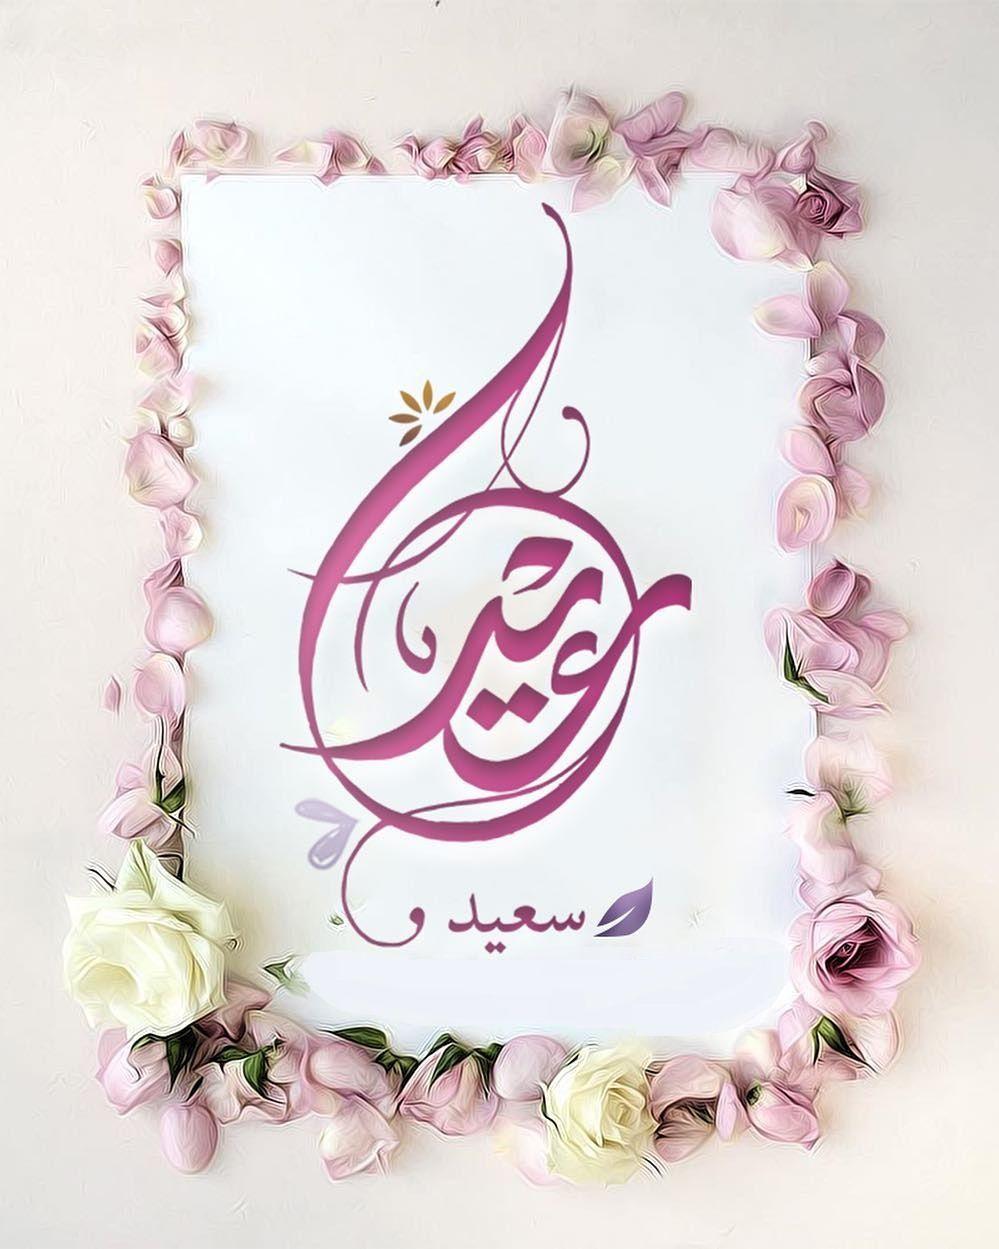 Pin By رغــــــد On عـيـد سعـيــد Islamic Pictures Eid Mubarak Eid